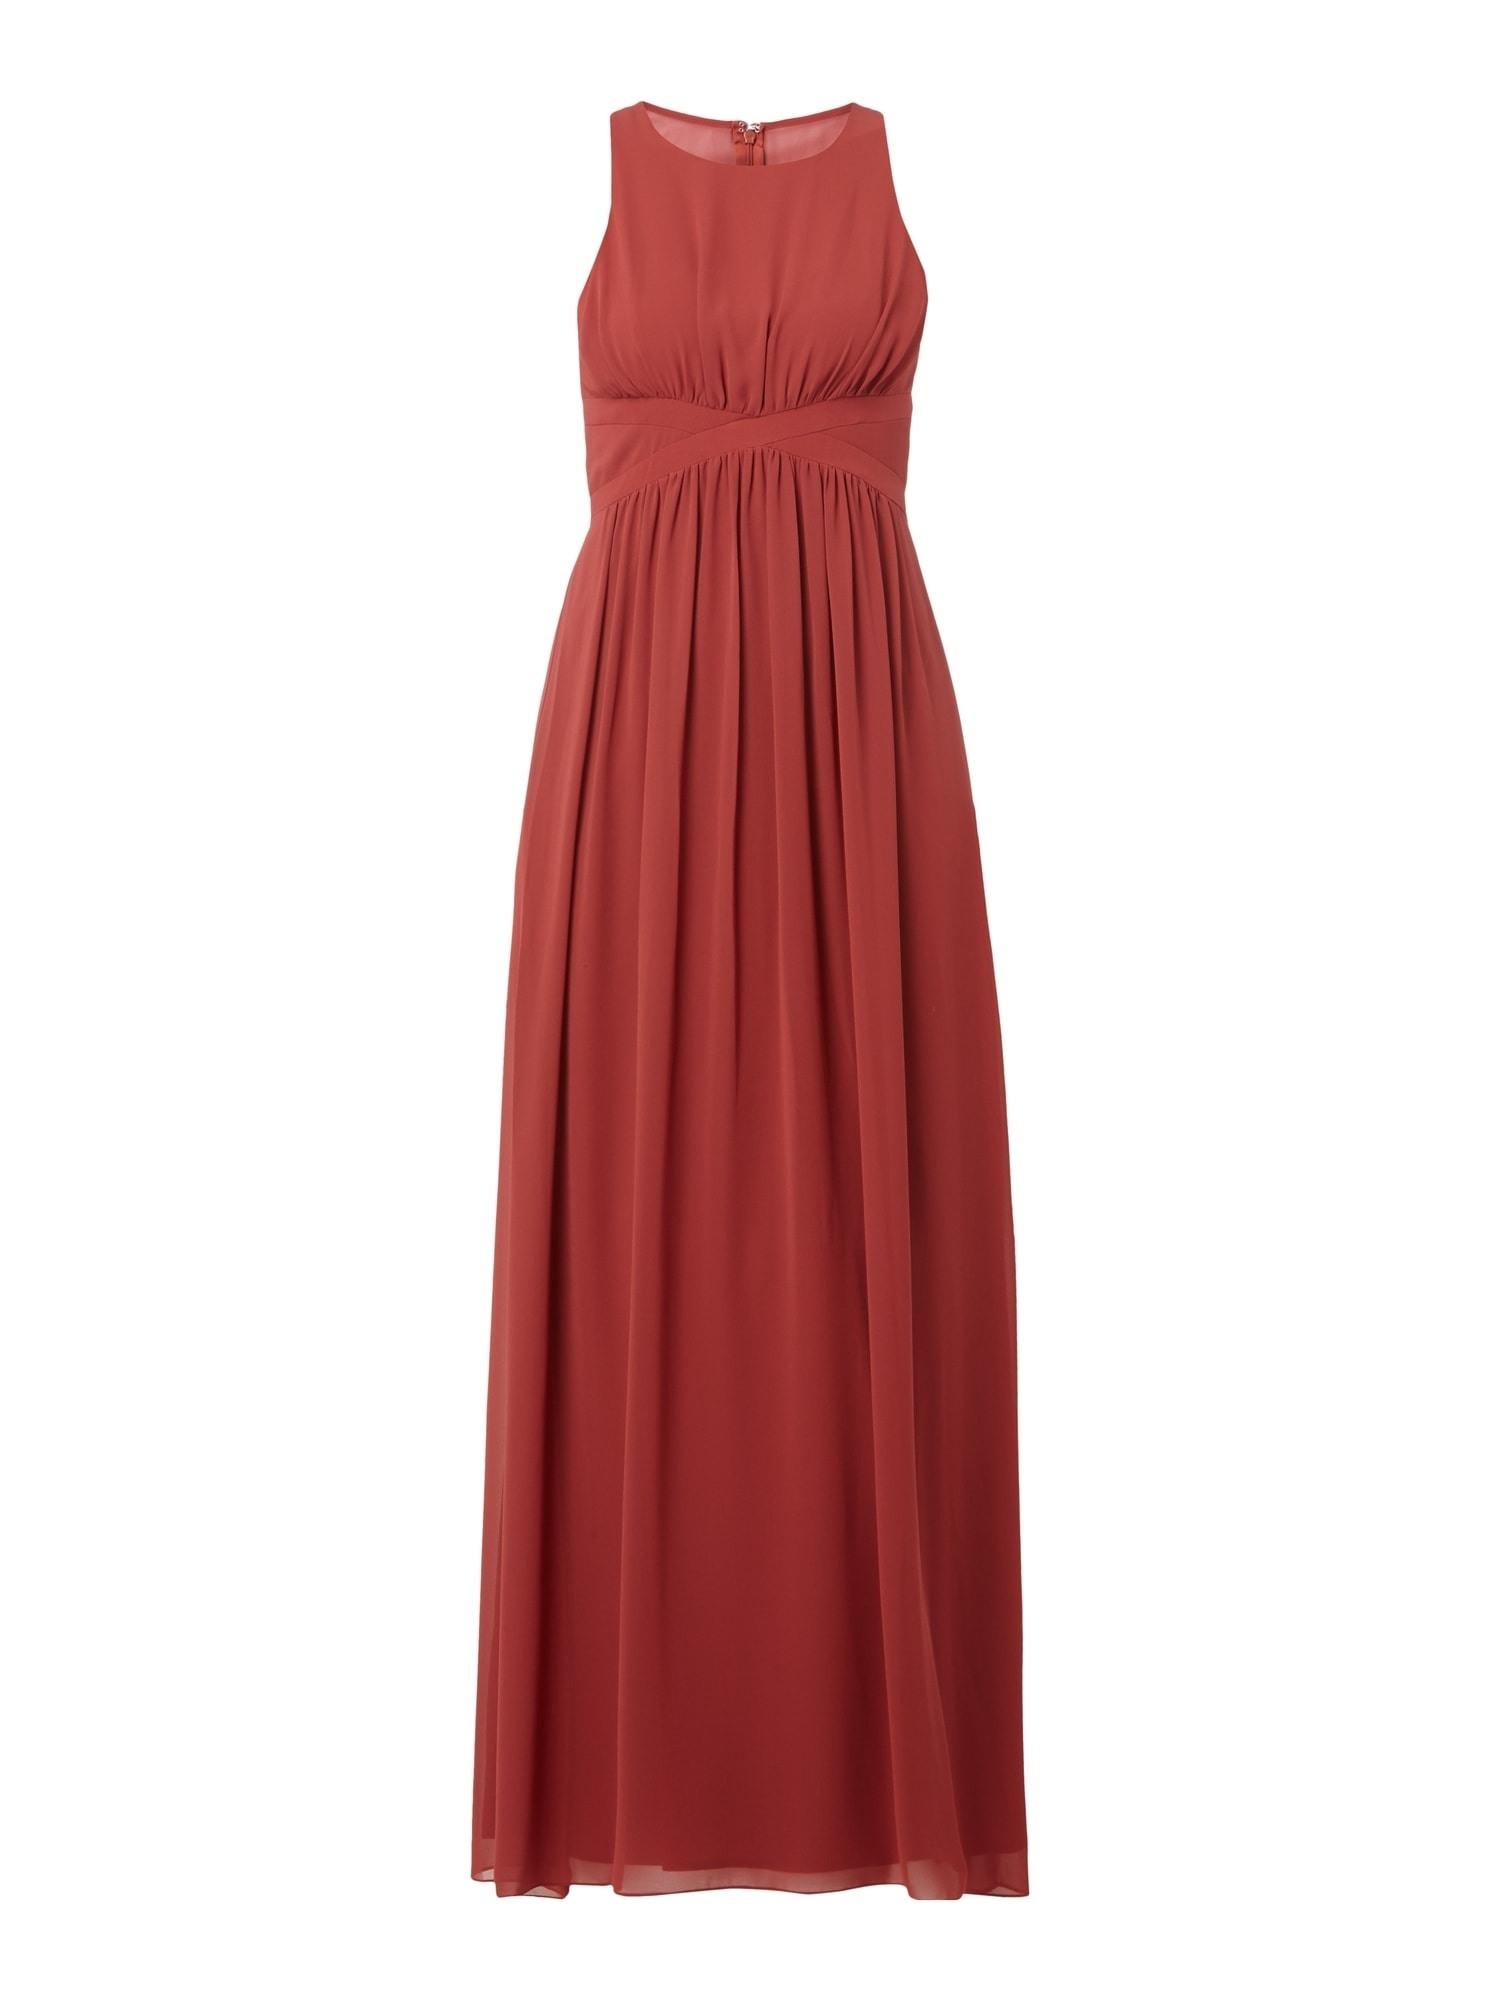 12 Fantastisch Abendkleider Billig Design - Abendkleid